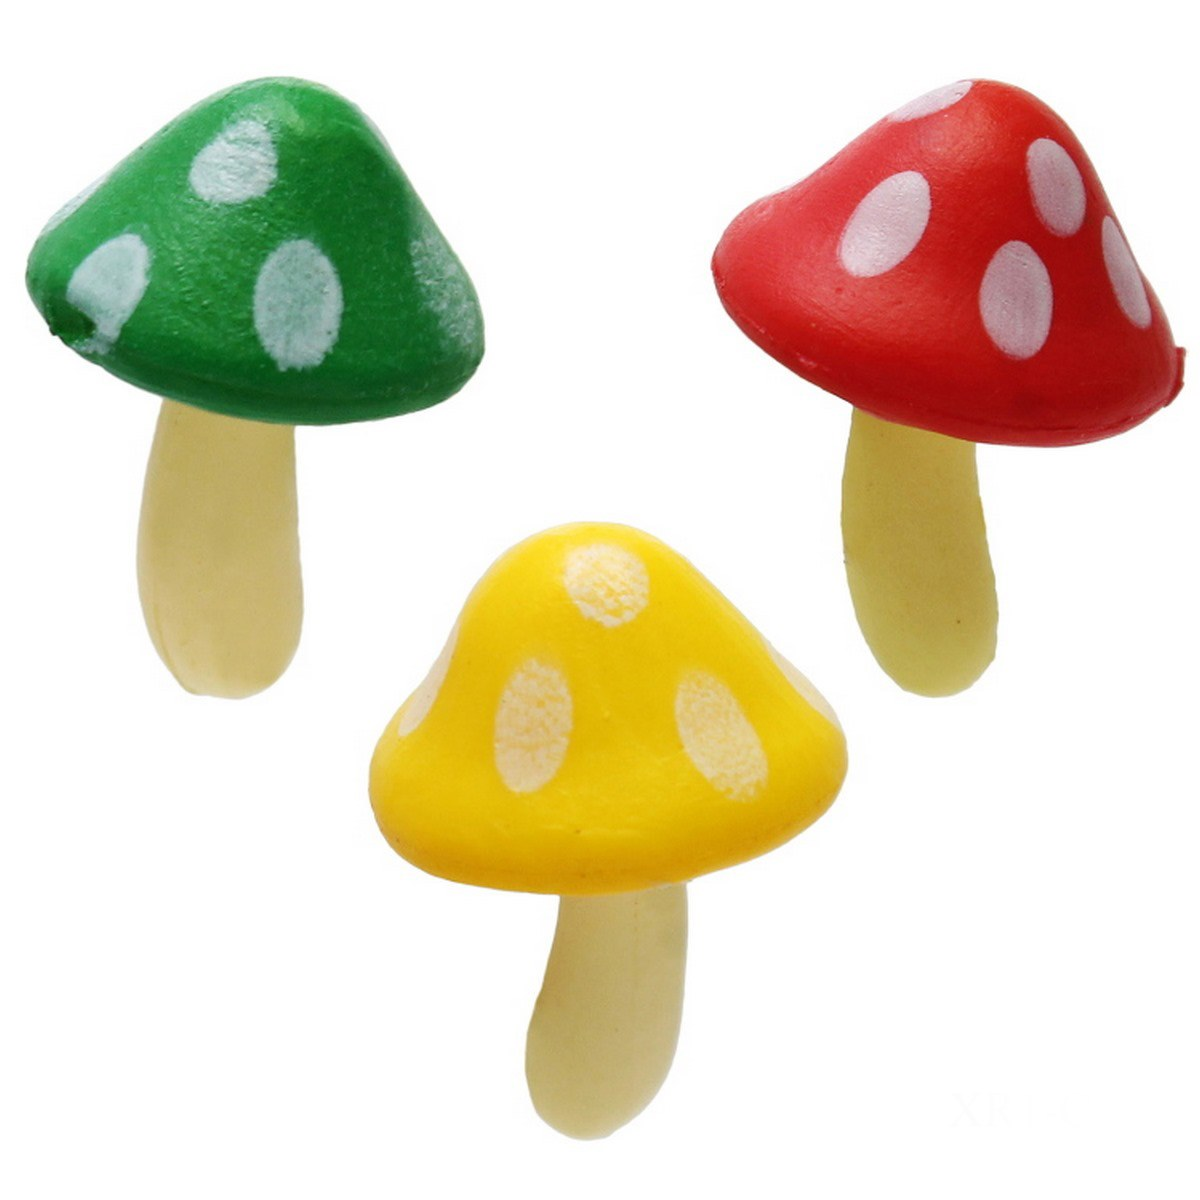 Miniature Mushroom